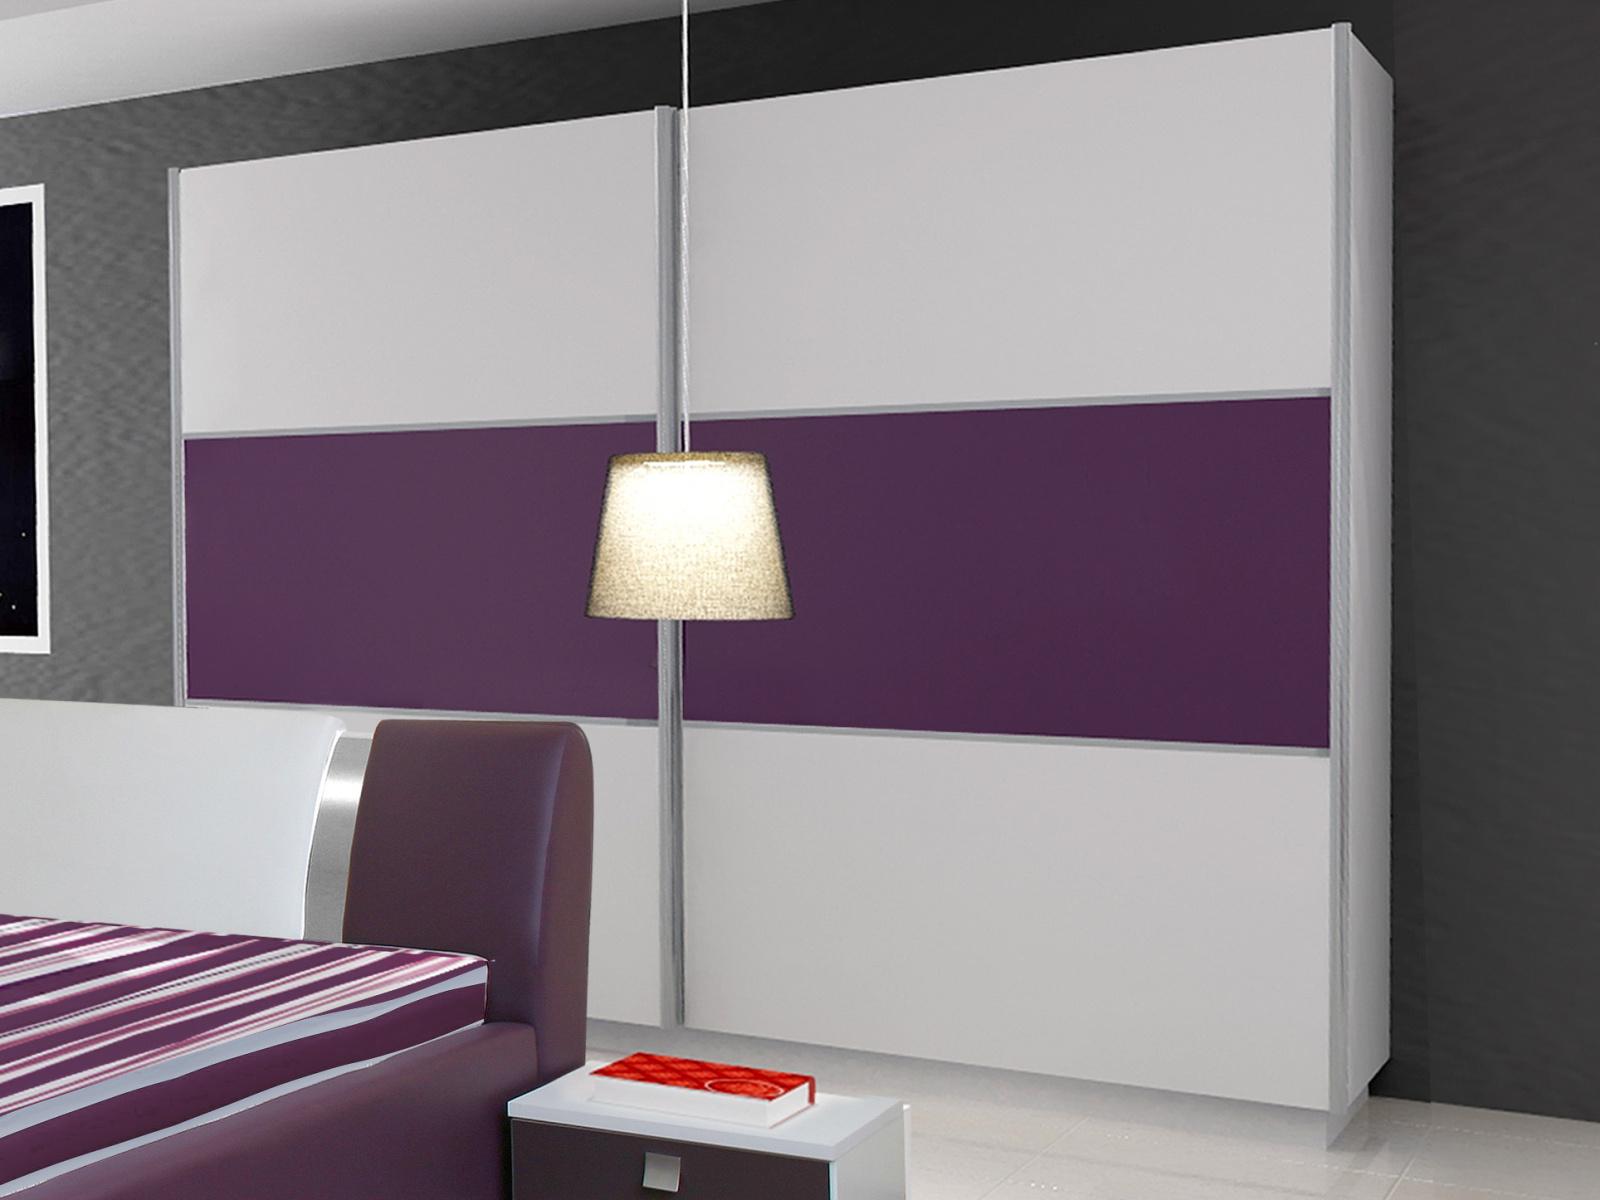 Smartshop Šatní skříň RIVA II 270, bílá/bílý + fialový lesk